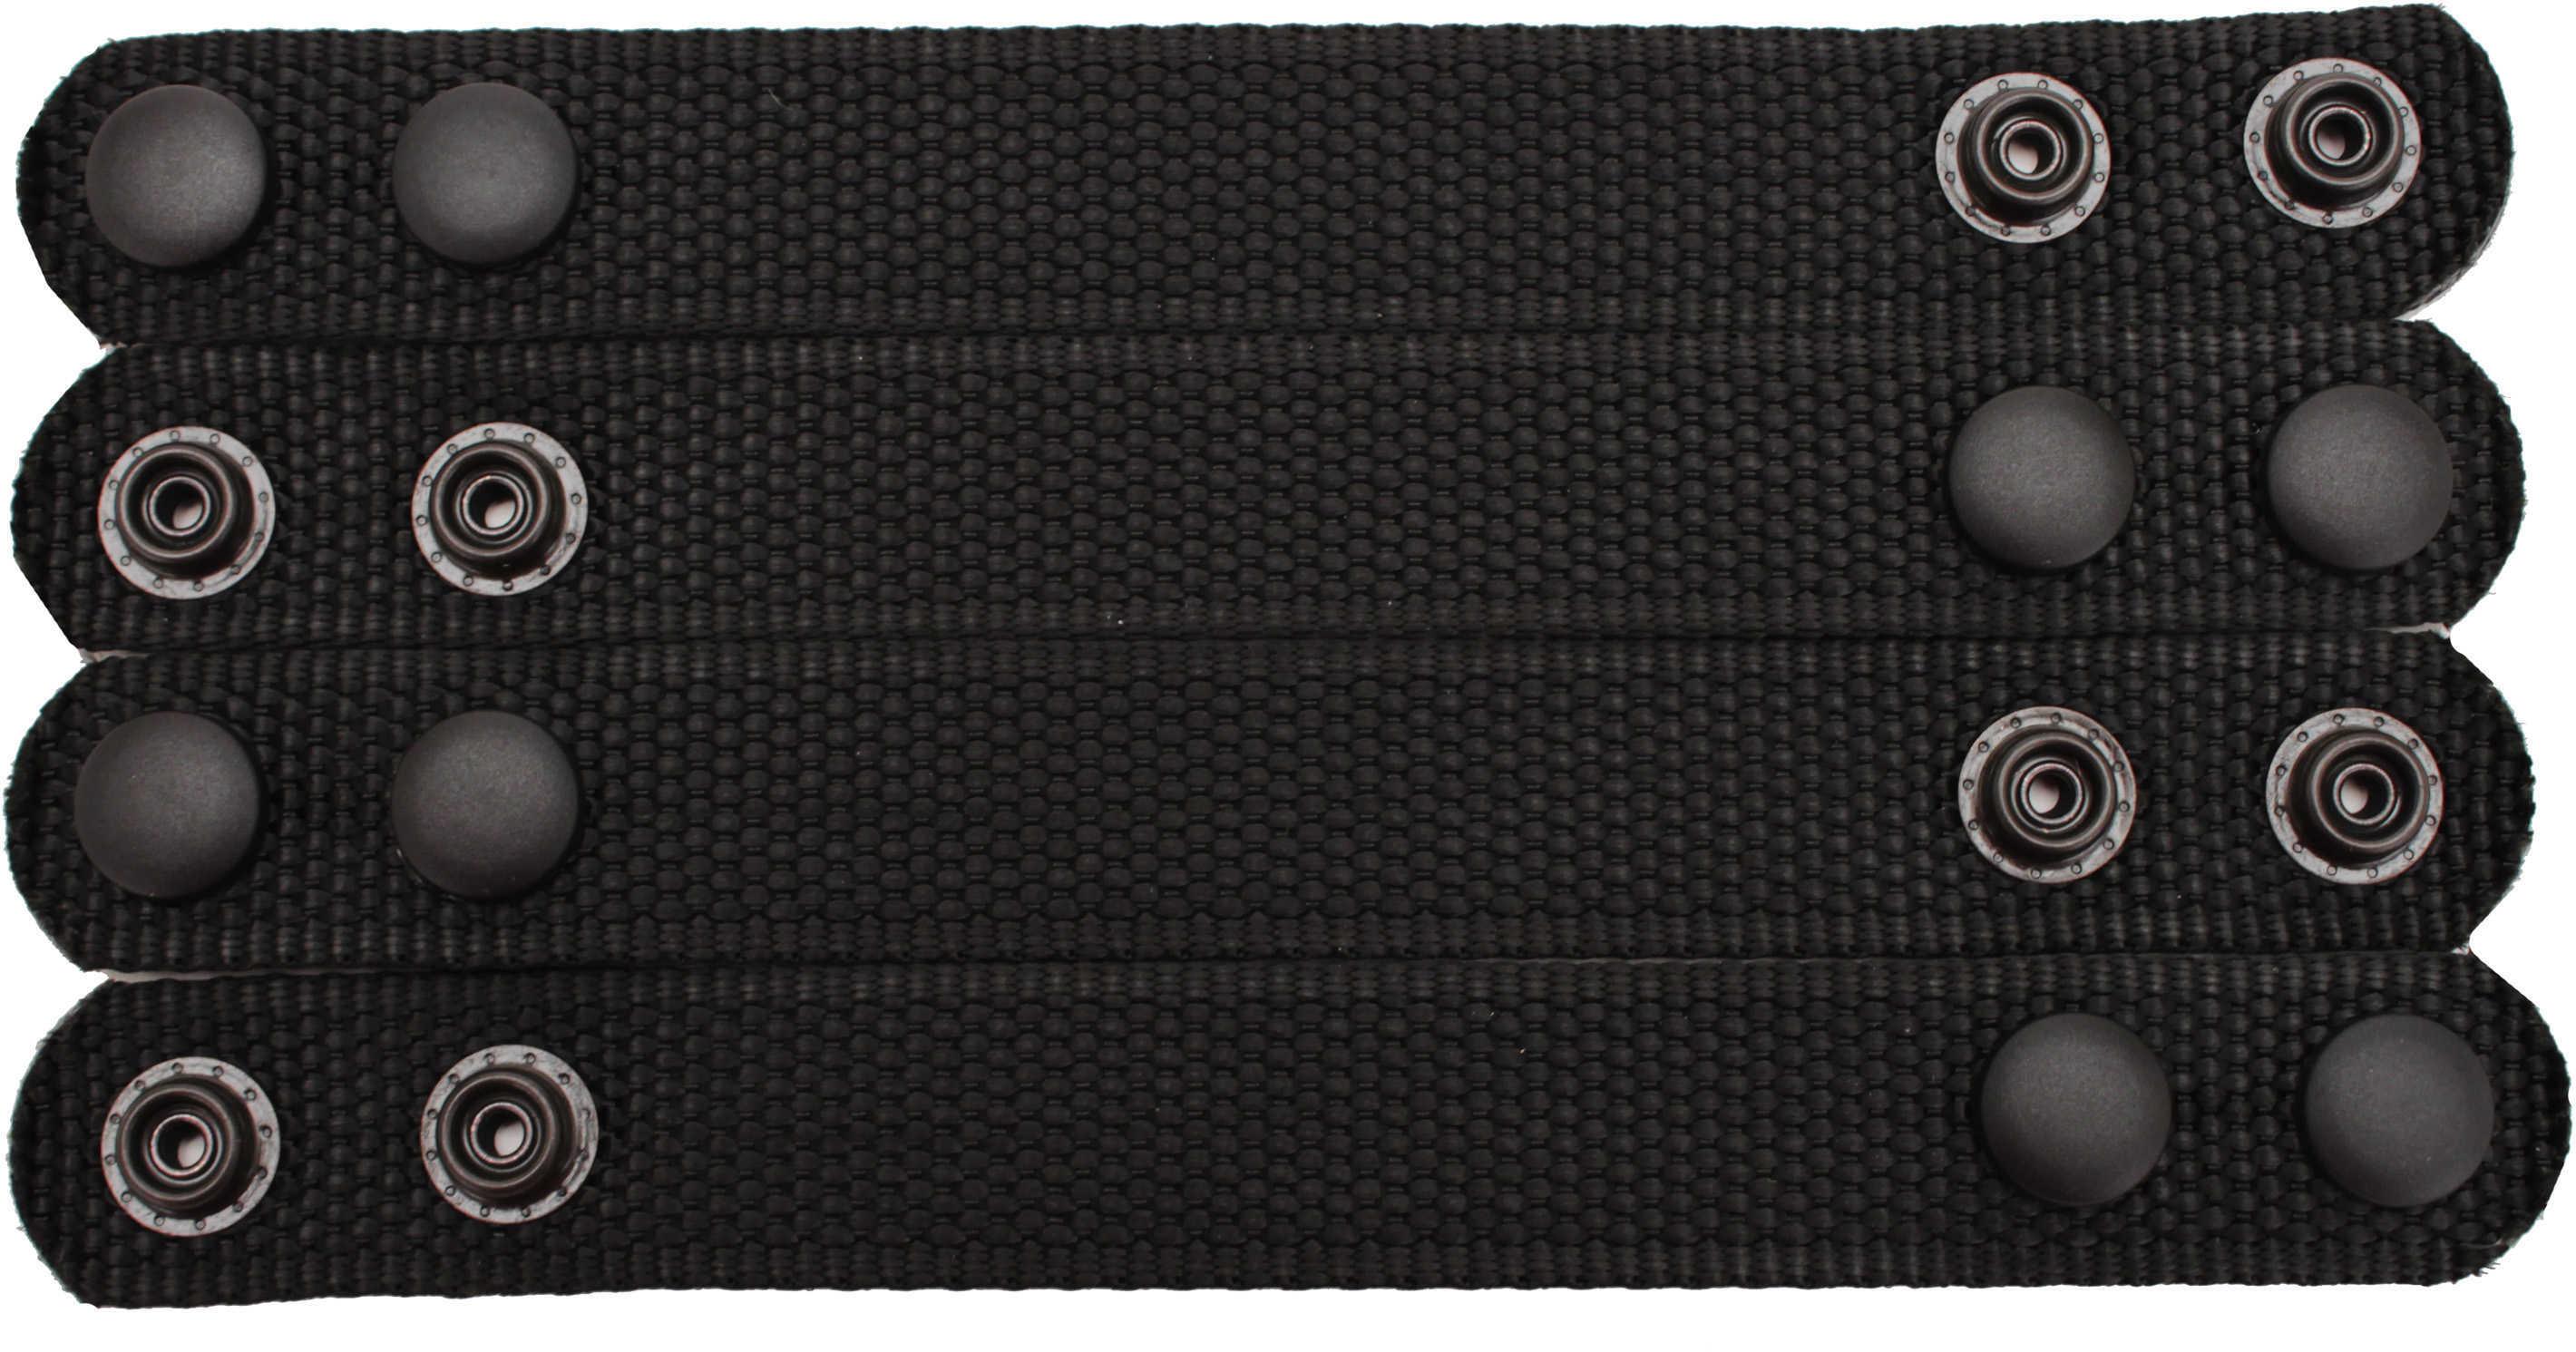 Bianchi 6406 Ranger Belt Keepers 4 Pack Black, Snap Md: 15635